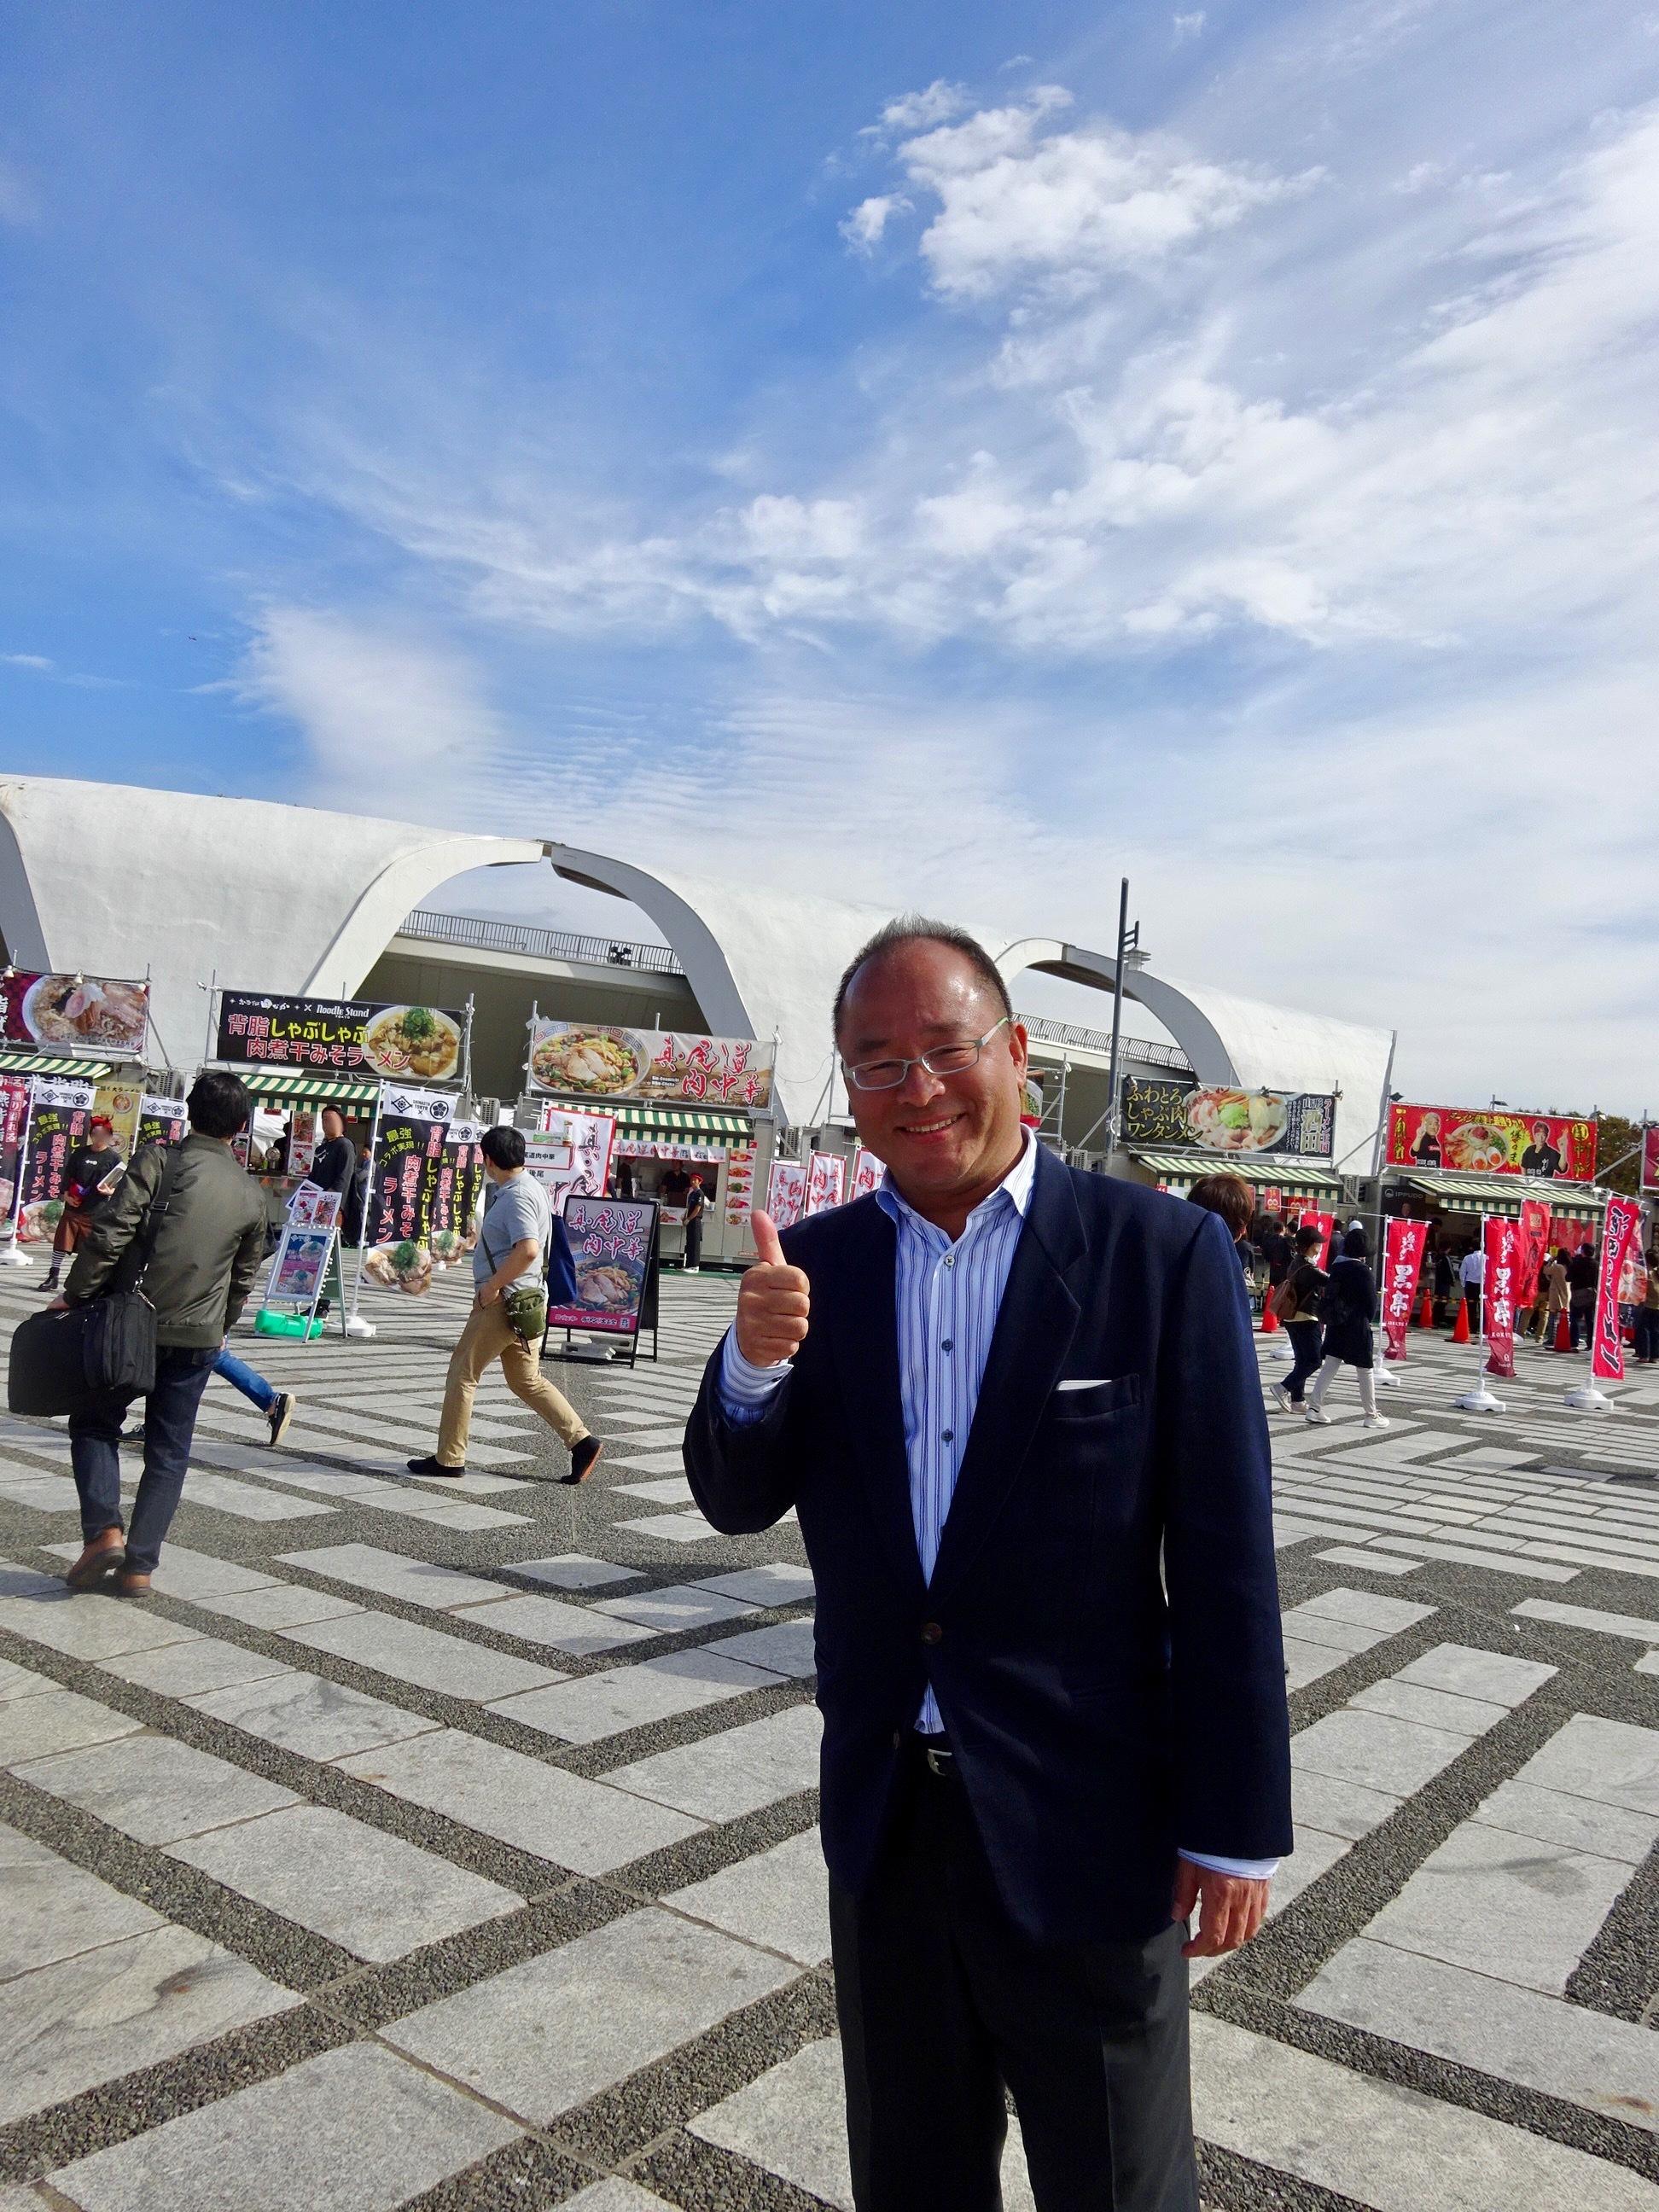 東京ラーメンショー実行委員長 大崎裕史さん